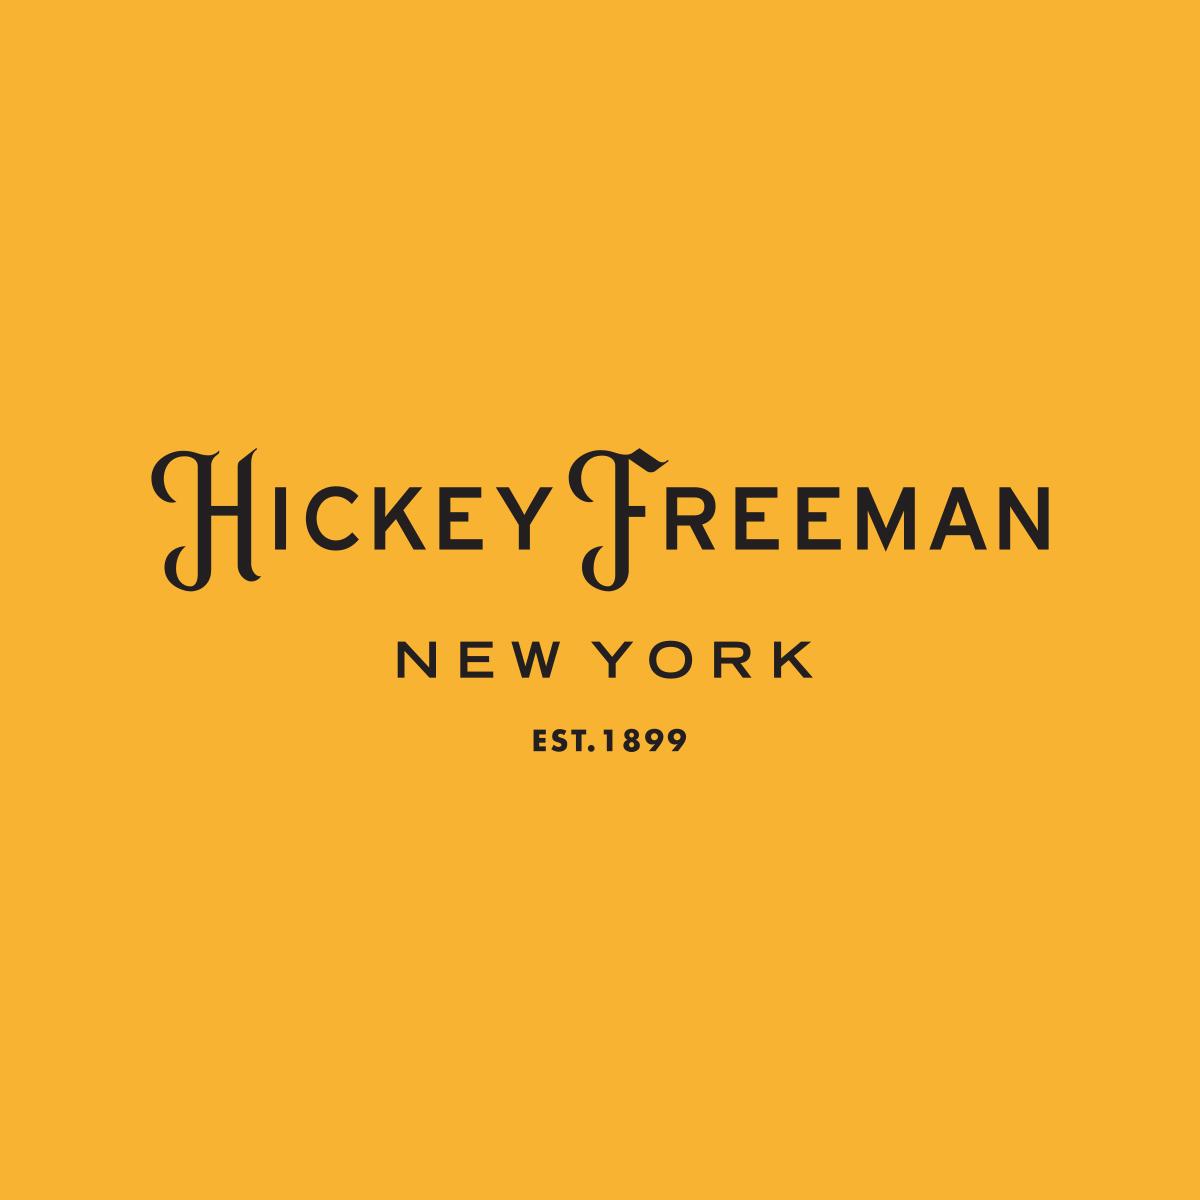 HickeyFreeman-NY-1899_square.jpg